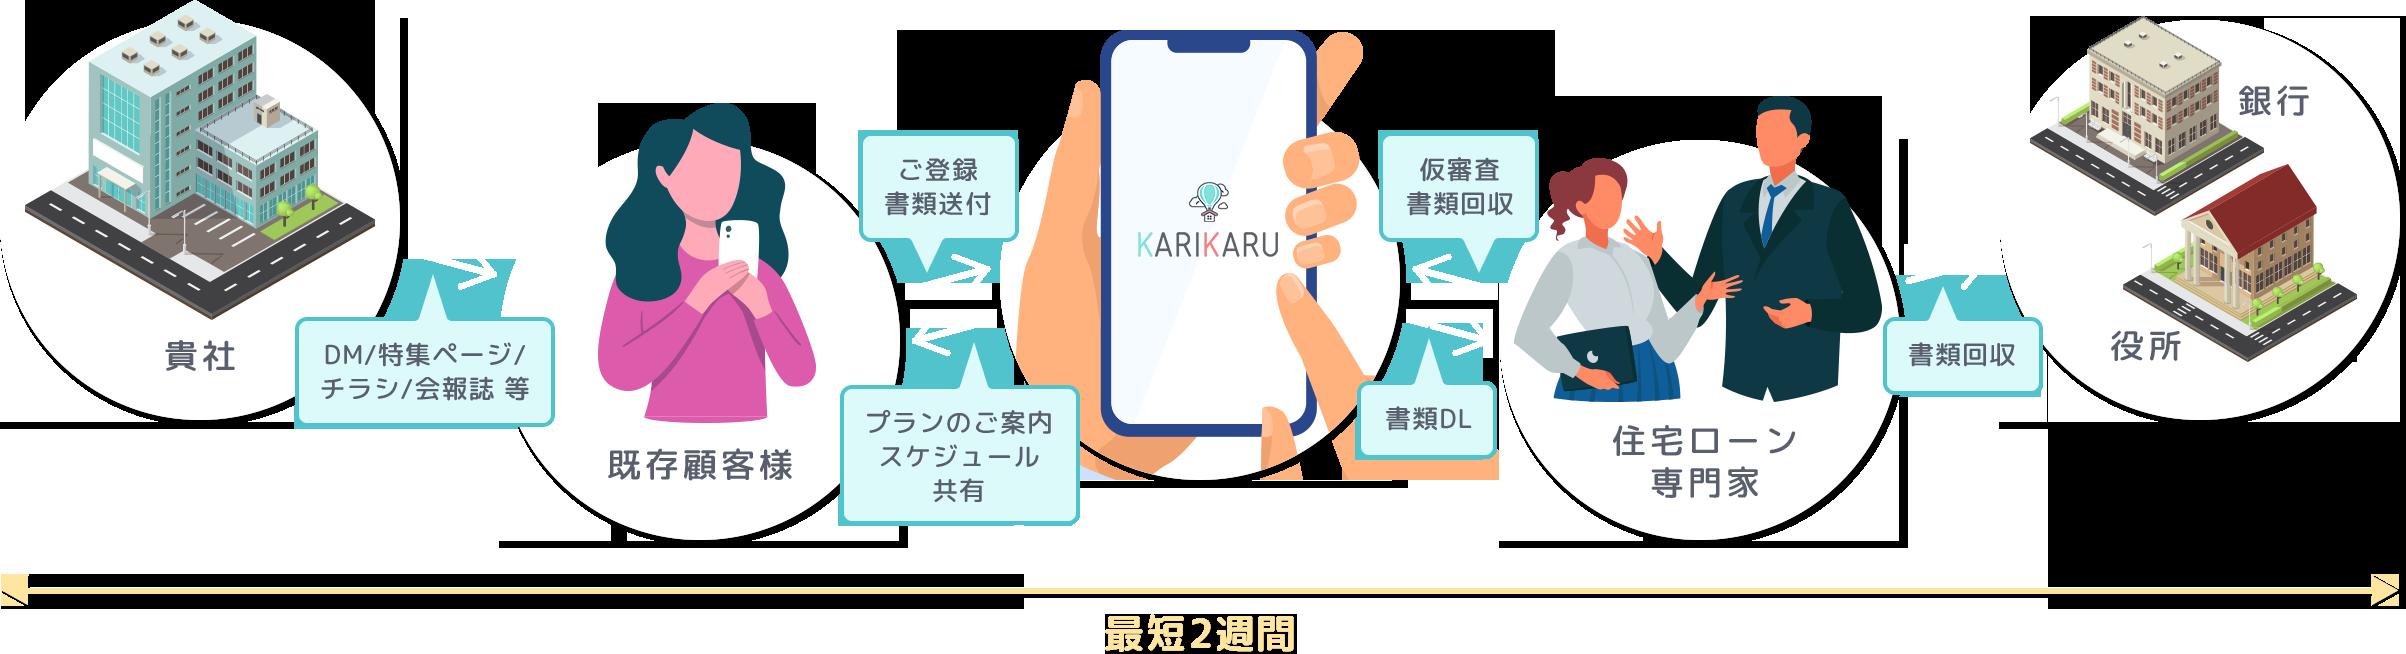 KARIKARUの仕組み